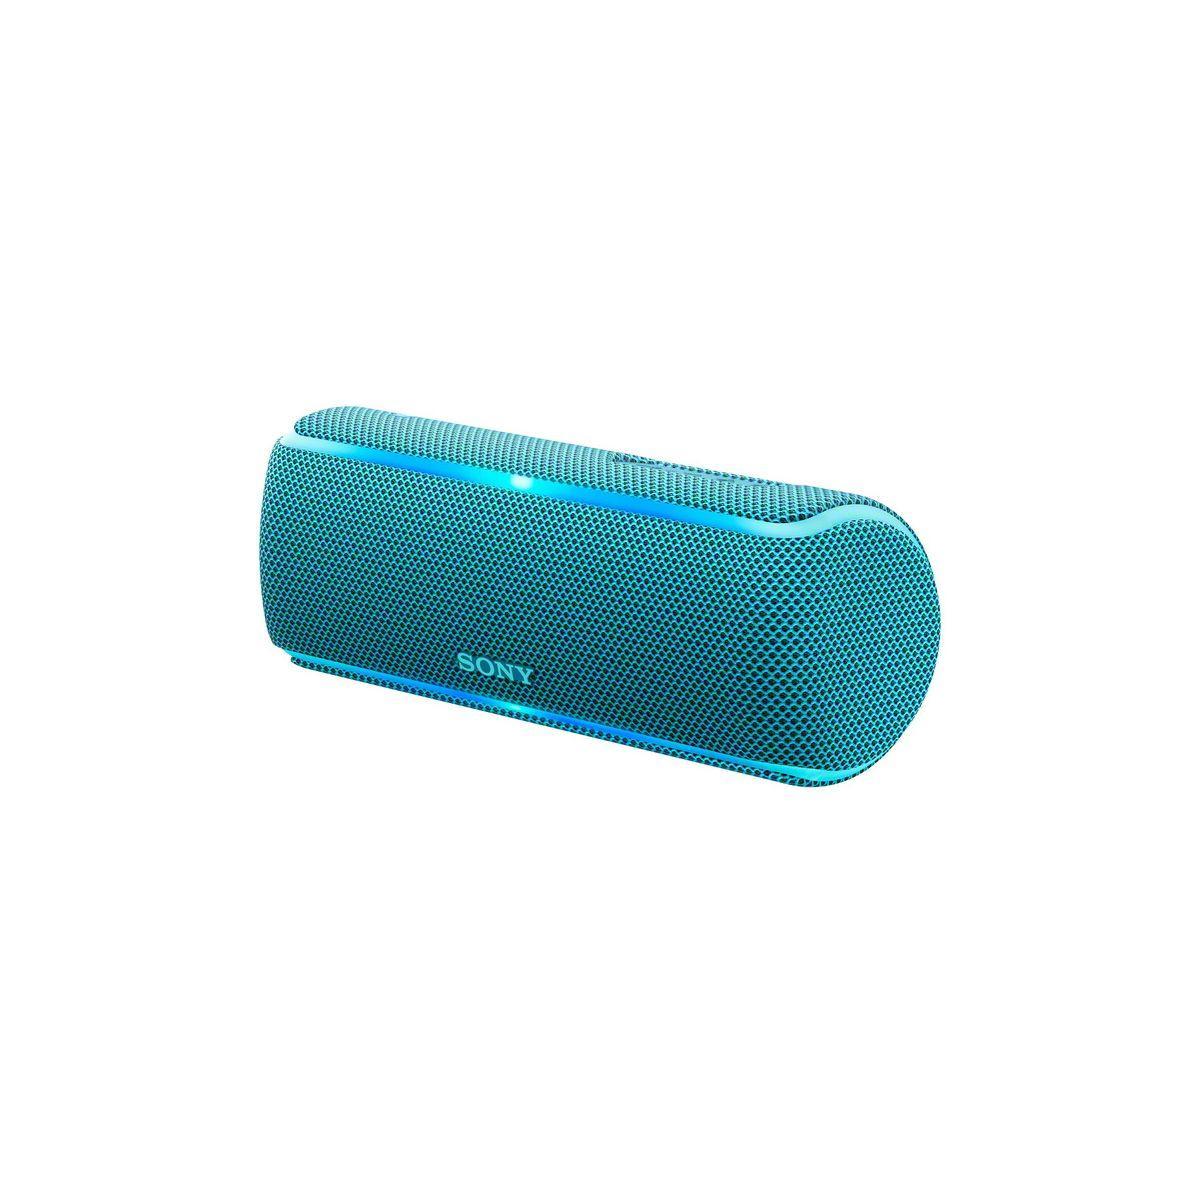 Enceinte bluetooth sony srs-xb21 bleu - 15% de remise imm�diate avec le code : deal15